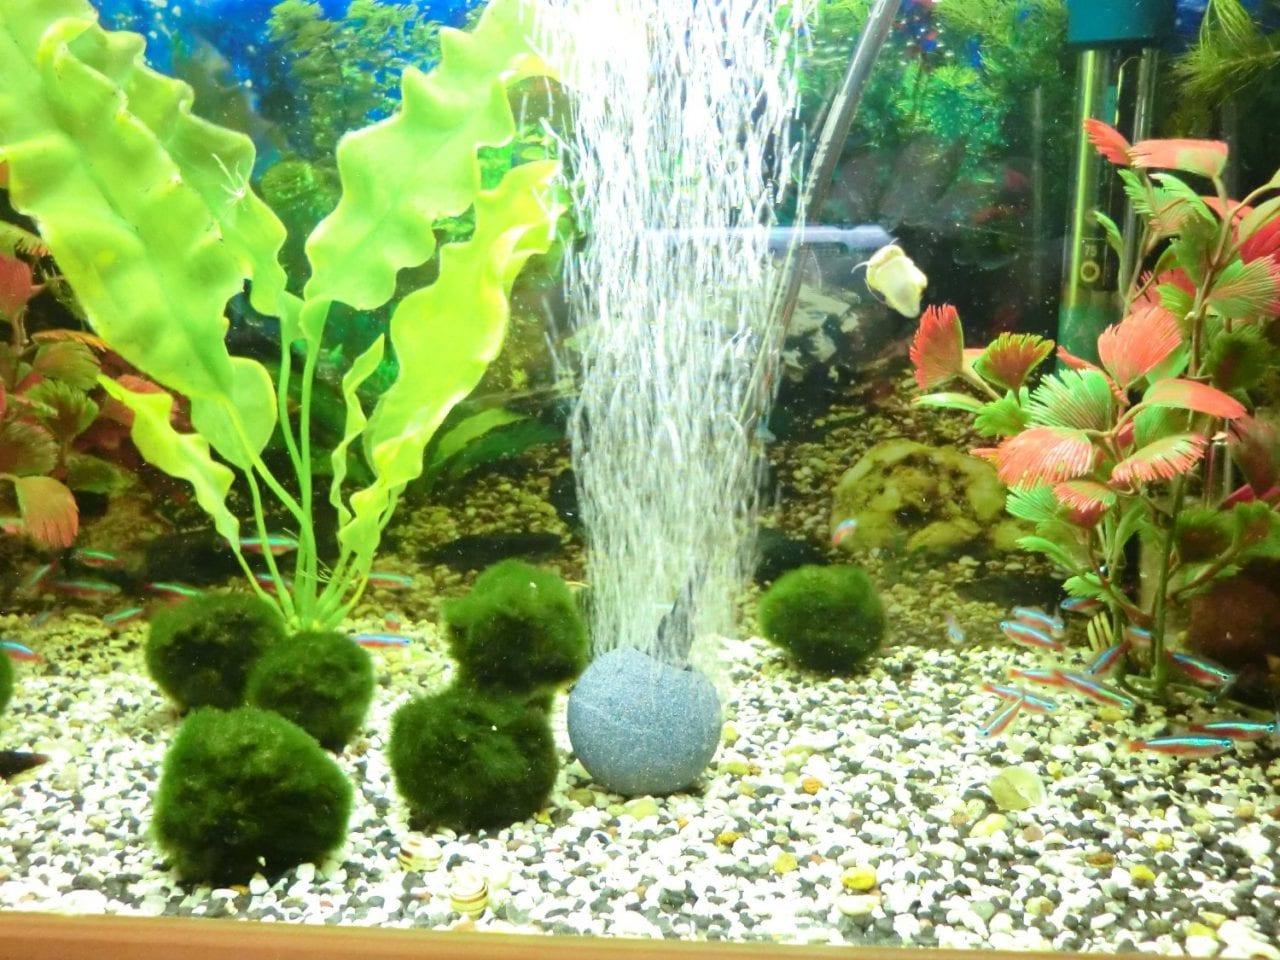 Durch einen Sprudelstein wird Raumluft und somit auch Sauerstoff ins Aquarium eingebracht. CO2 hingegen wird ausgewaschen.